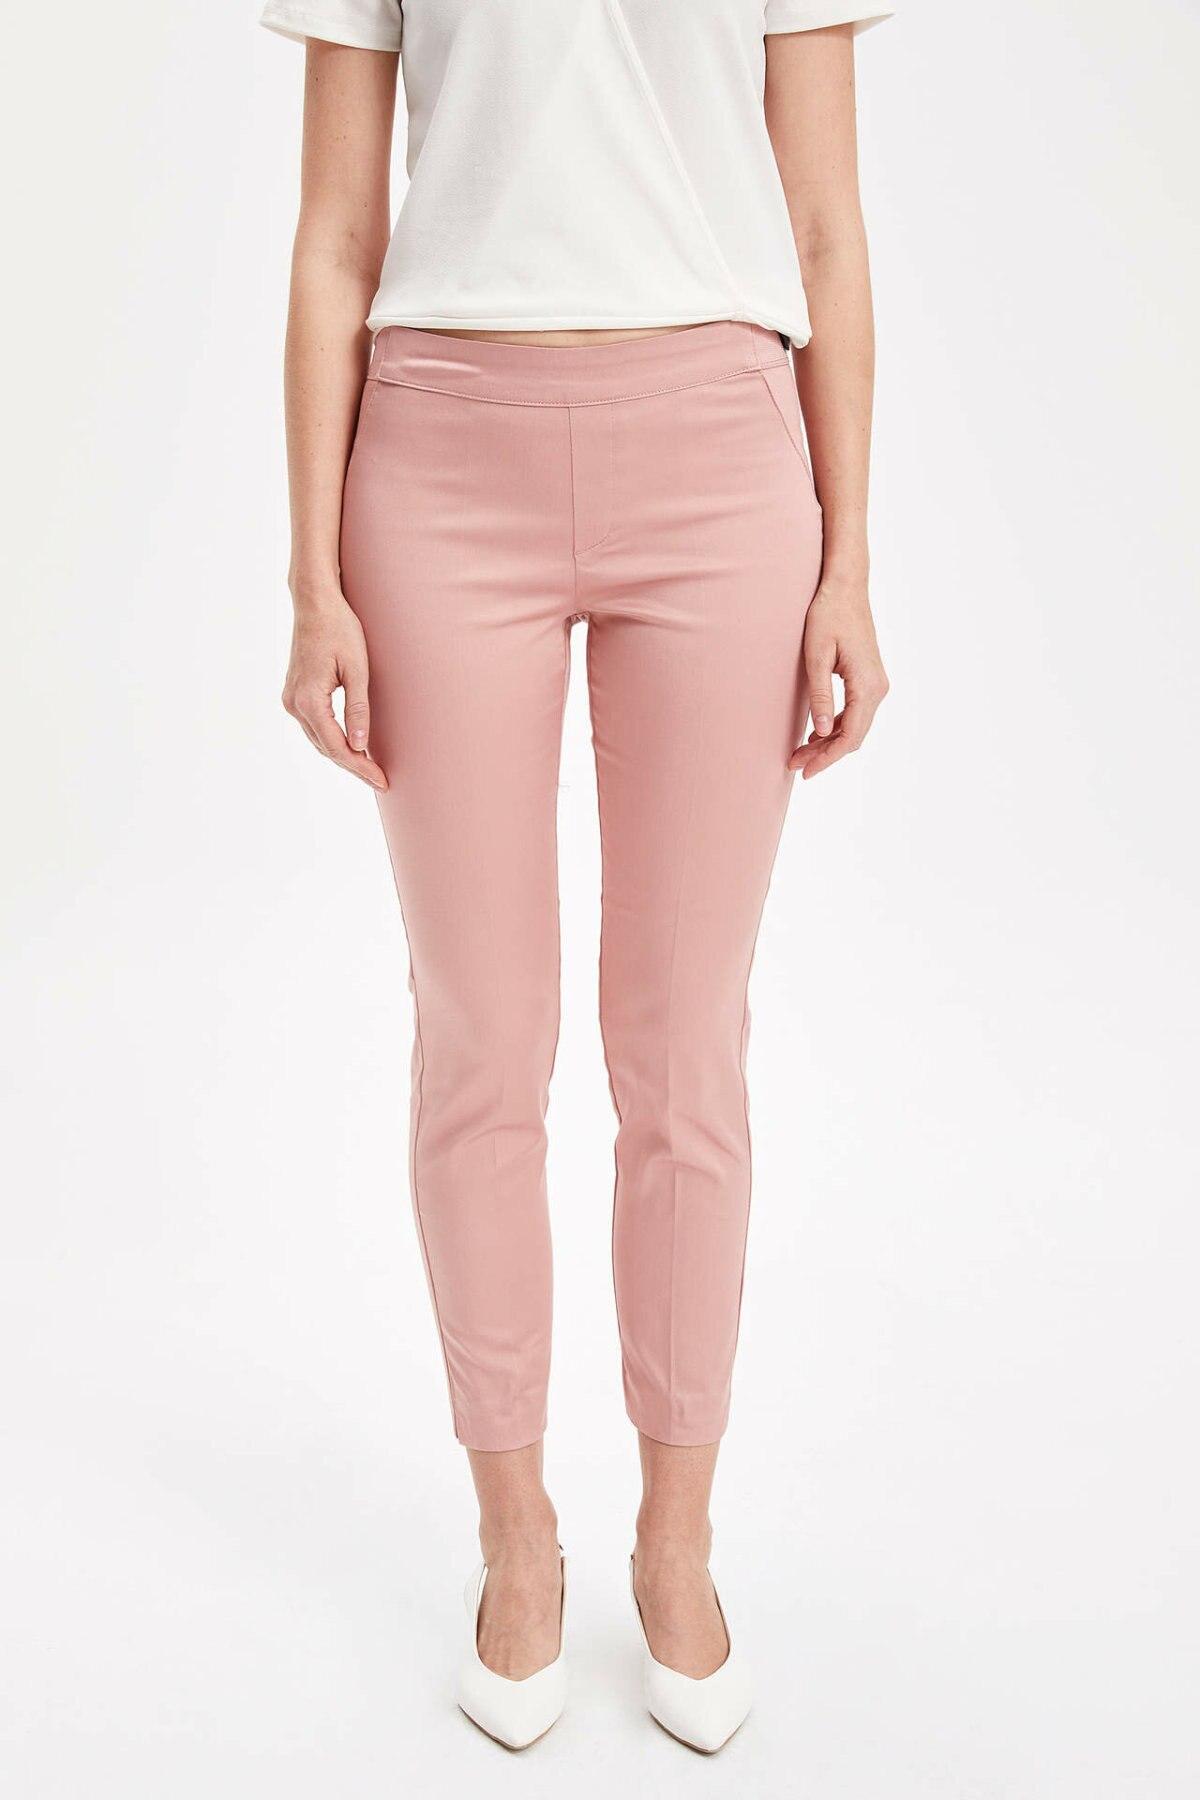 DeFacto Woman Spring Pink Color Ninth Pants Women Fit Slim Pencil Pants Female Skinny Bottoms Trousers-L0664AZ19SP